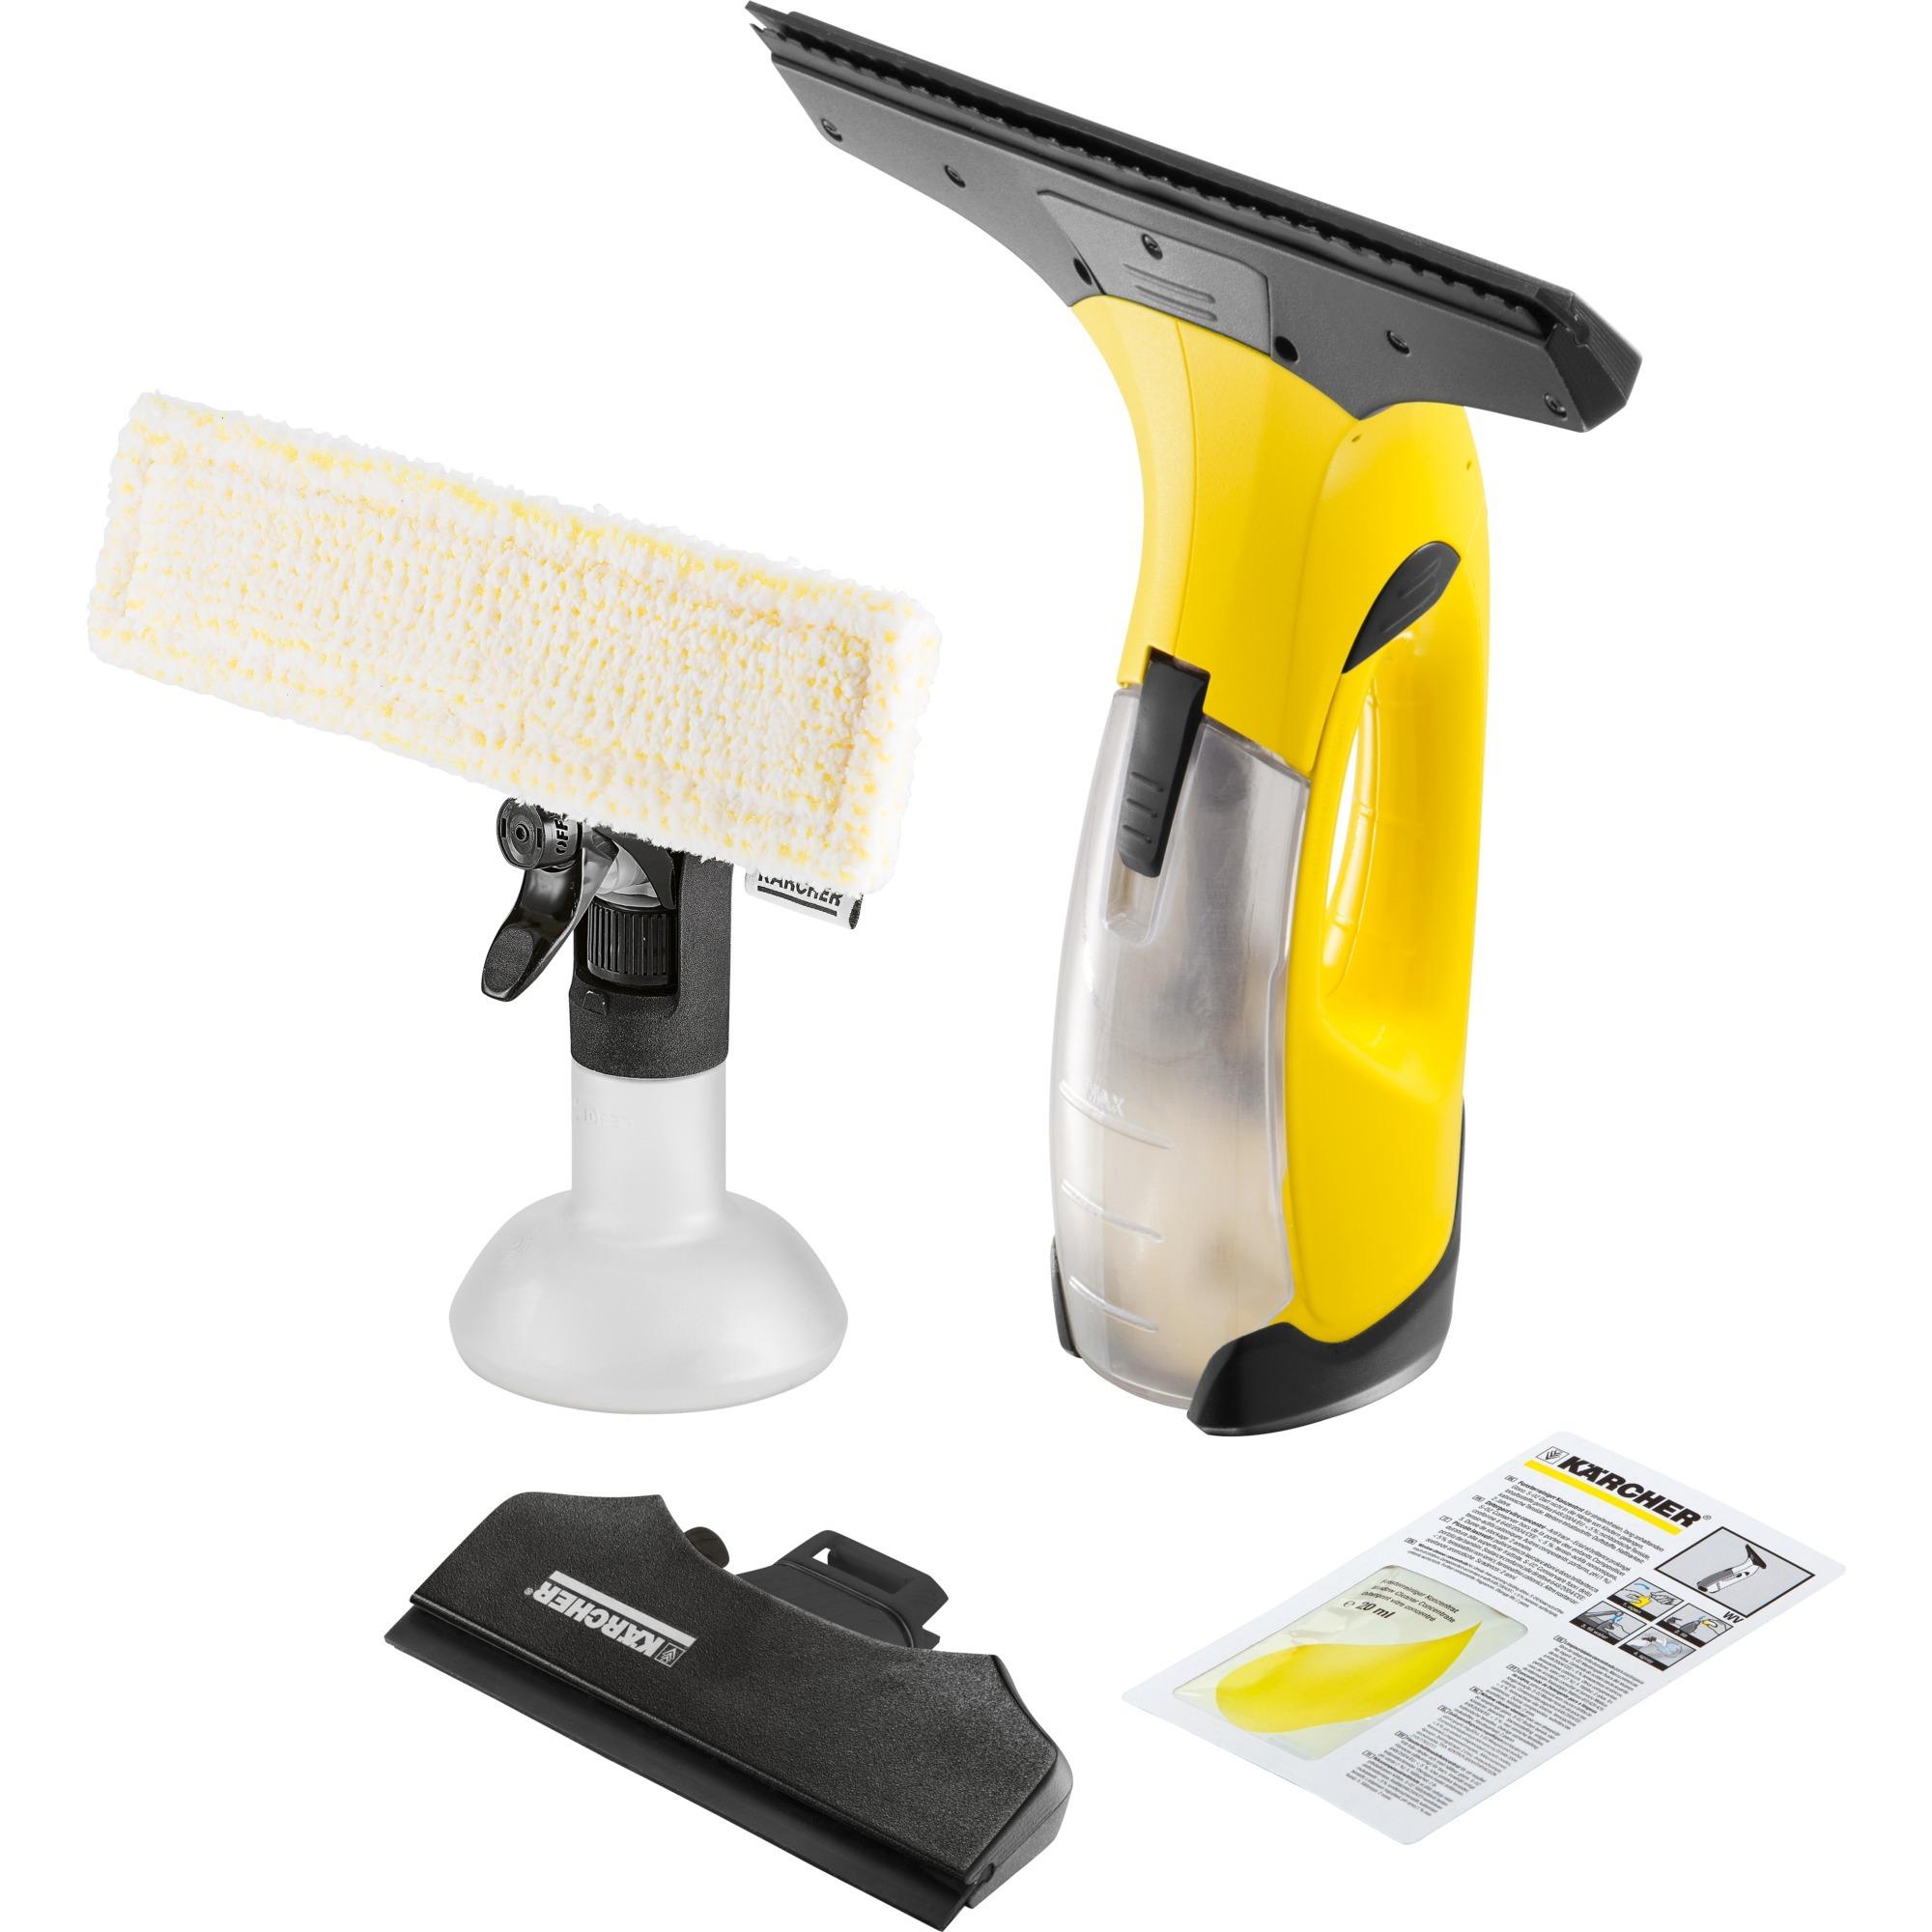 WV 2 0.1L Negro, Amarillo limpiador eléctrico ventana, Aspiradora de ventanas